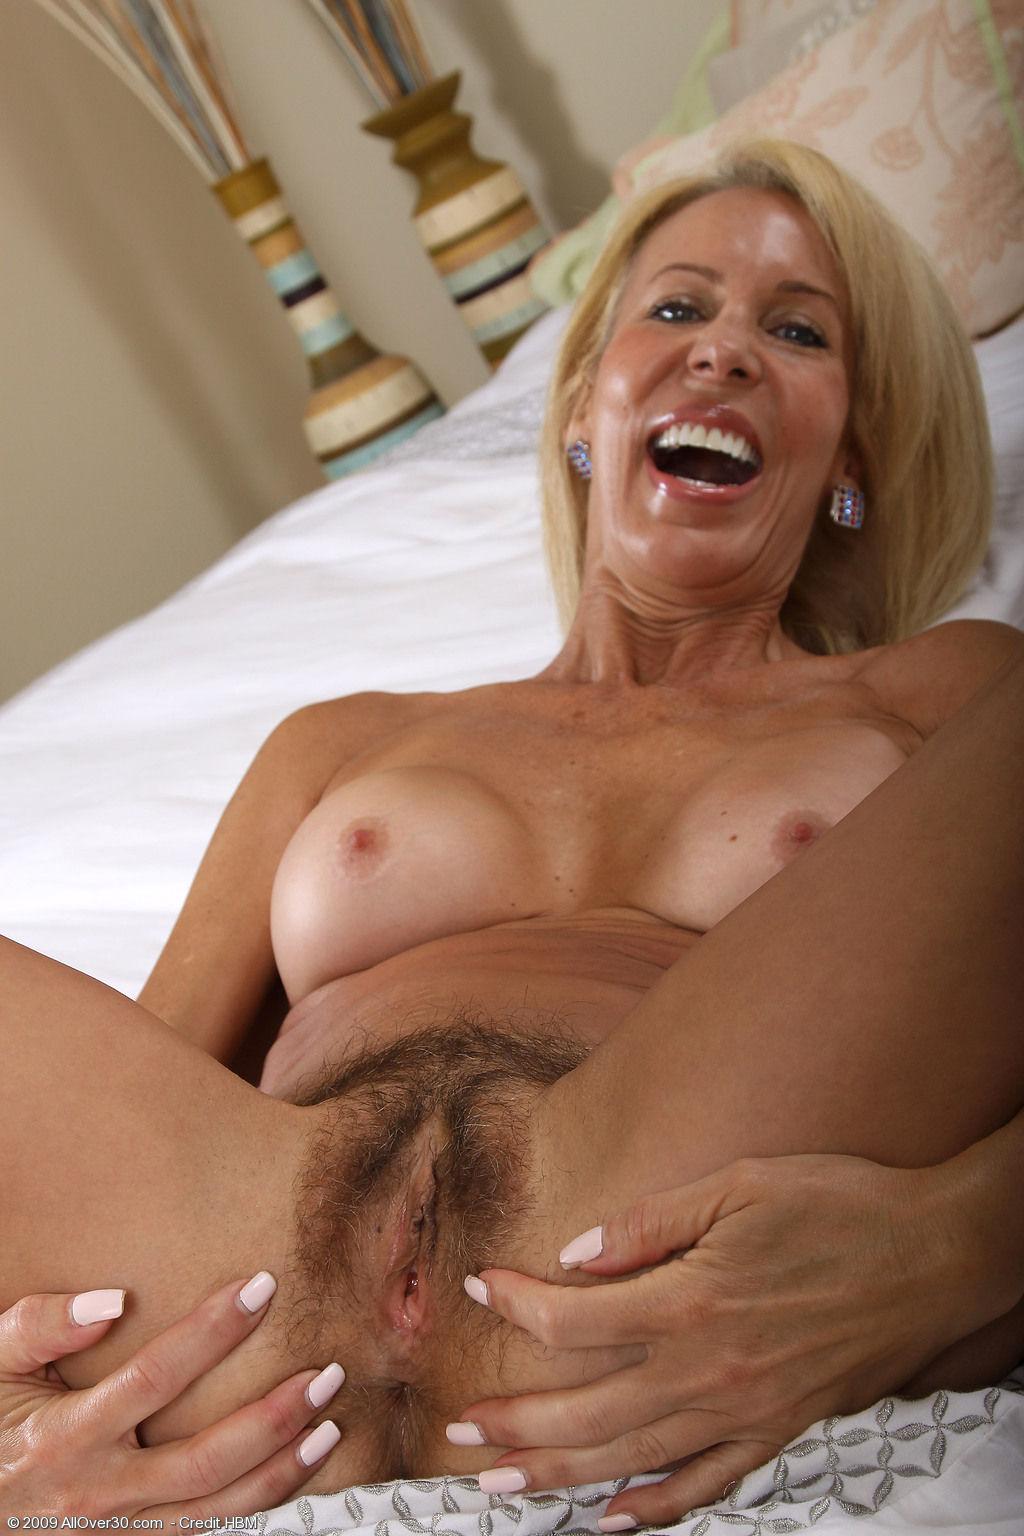 blonde erica naked homemade